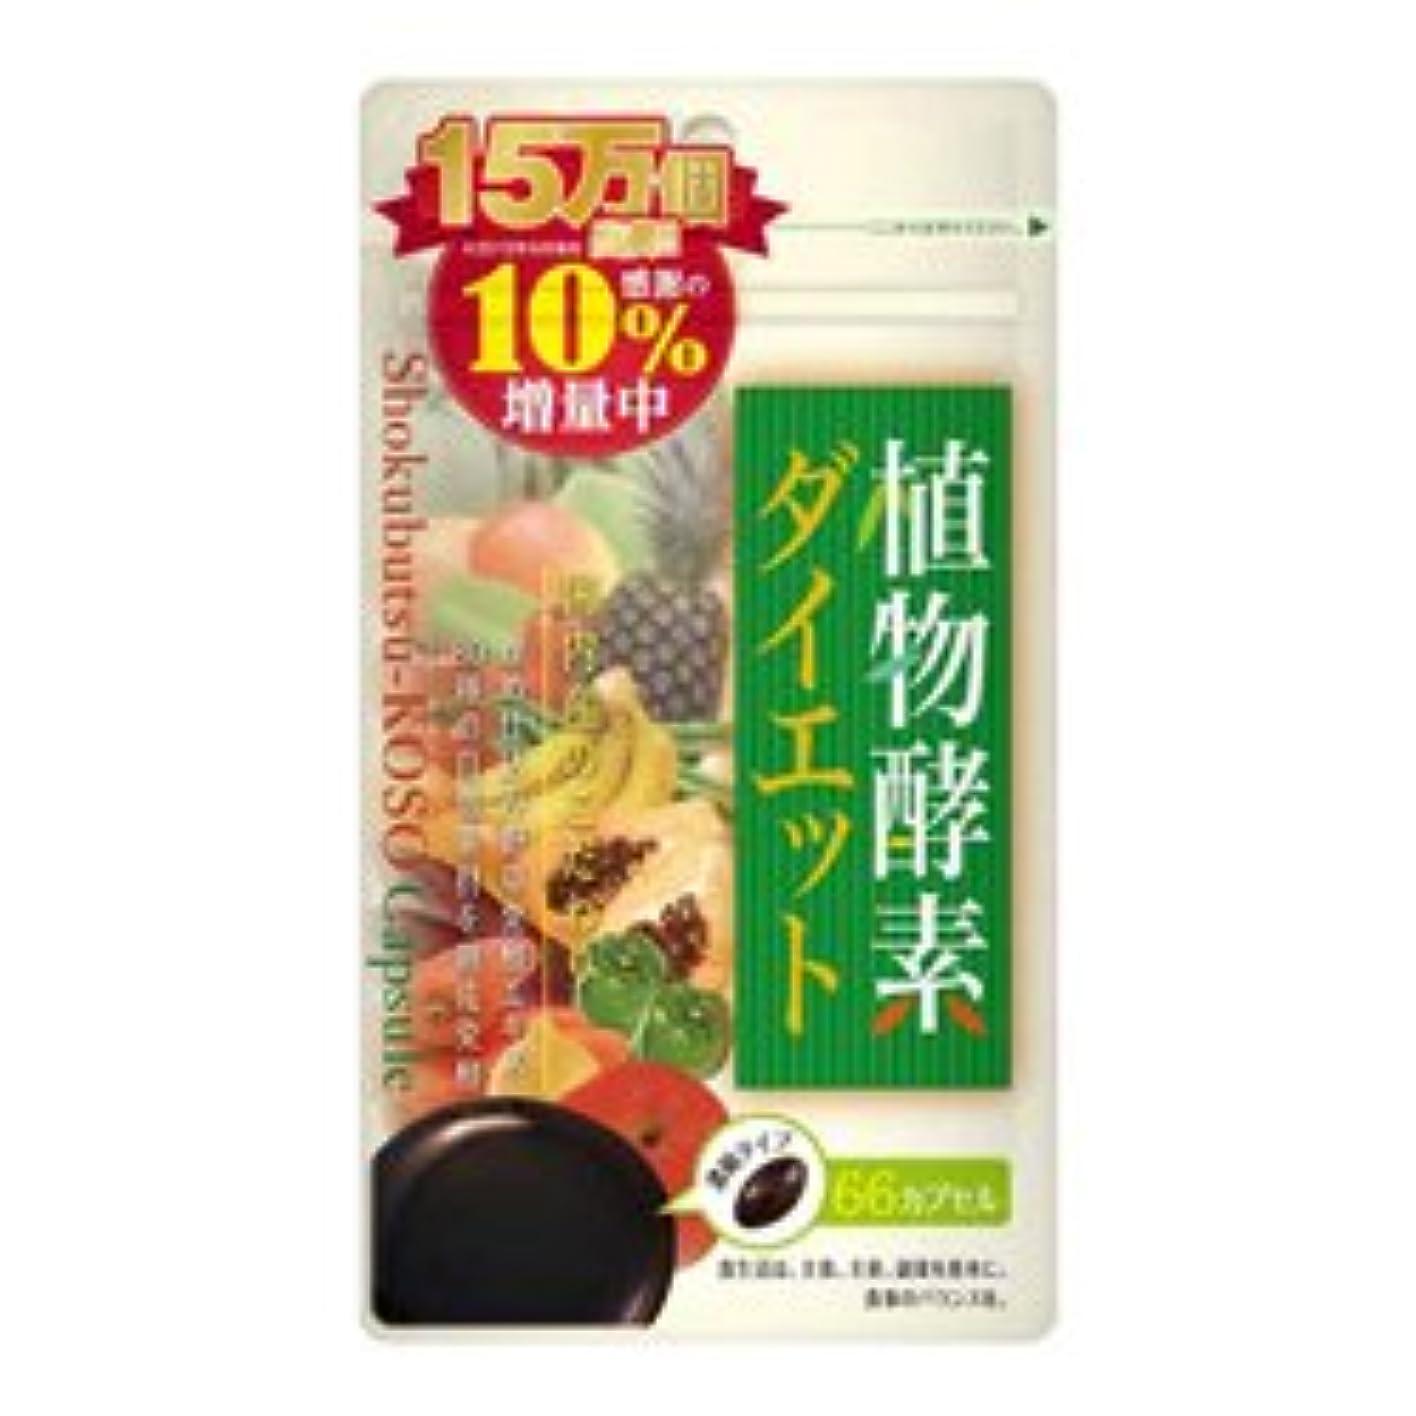 震え究極の標高【ウエルネスジャパン】植物酵素ダイエット 66カプセル ×5個セット